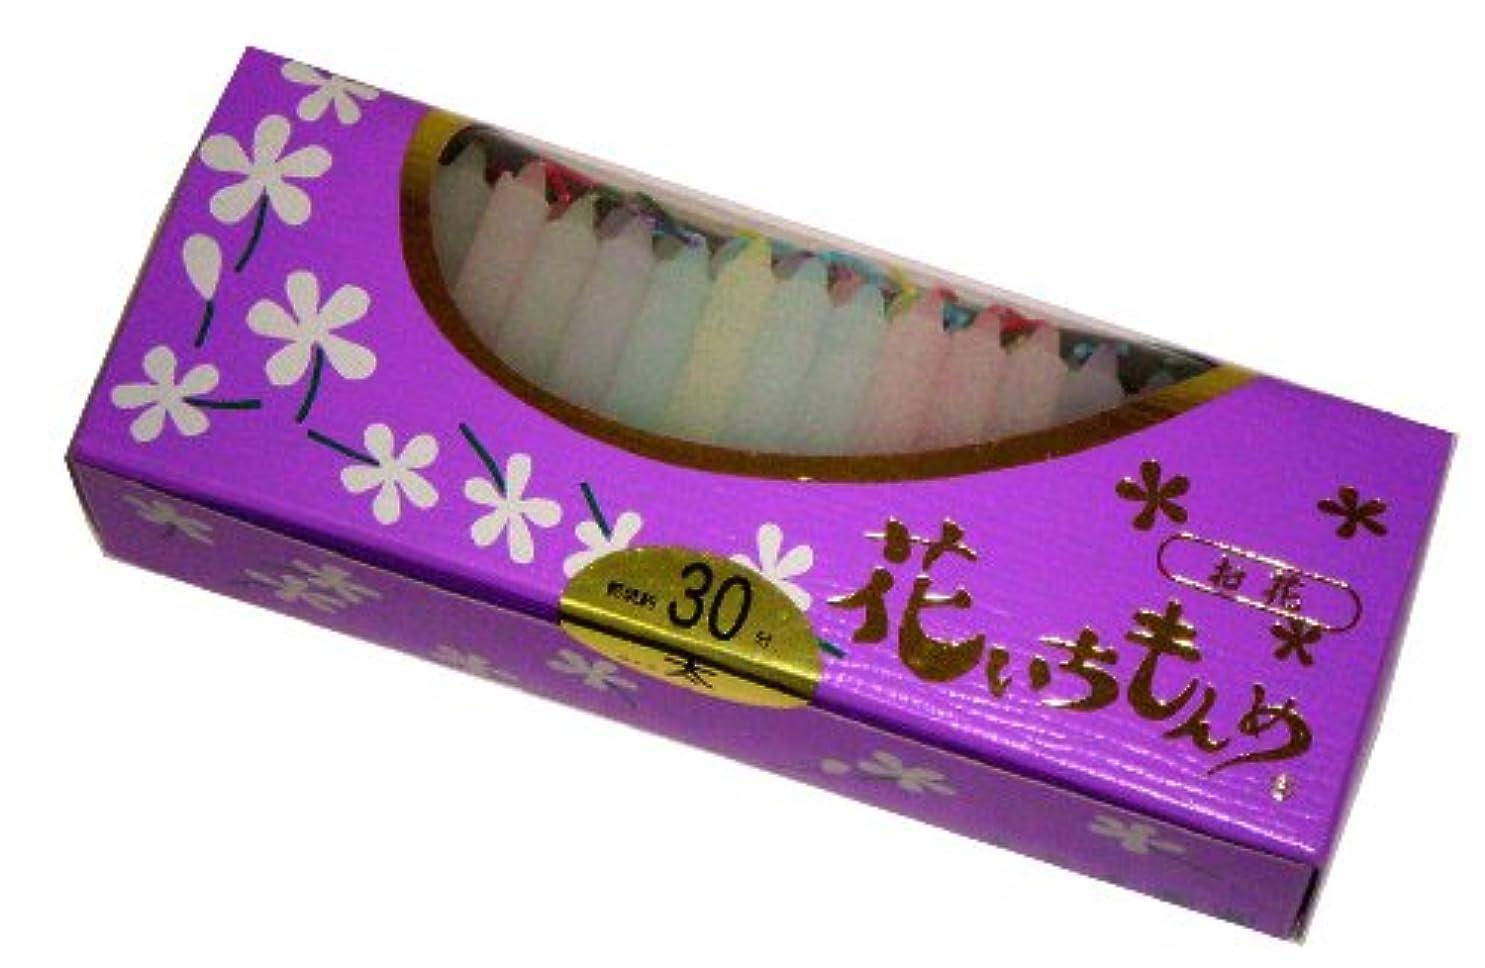 虫を数える敵対的タオル佐藤油脂のローソク 花いちもんめ カラー 約100本 30分